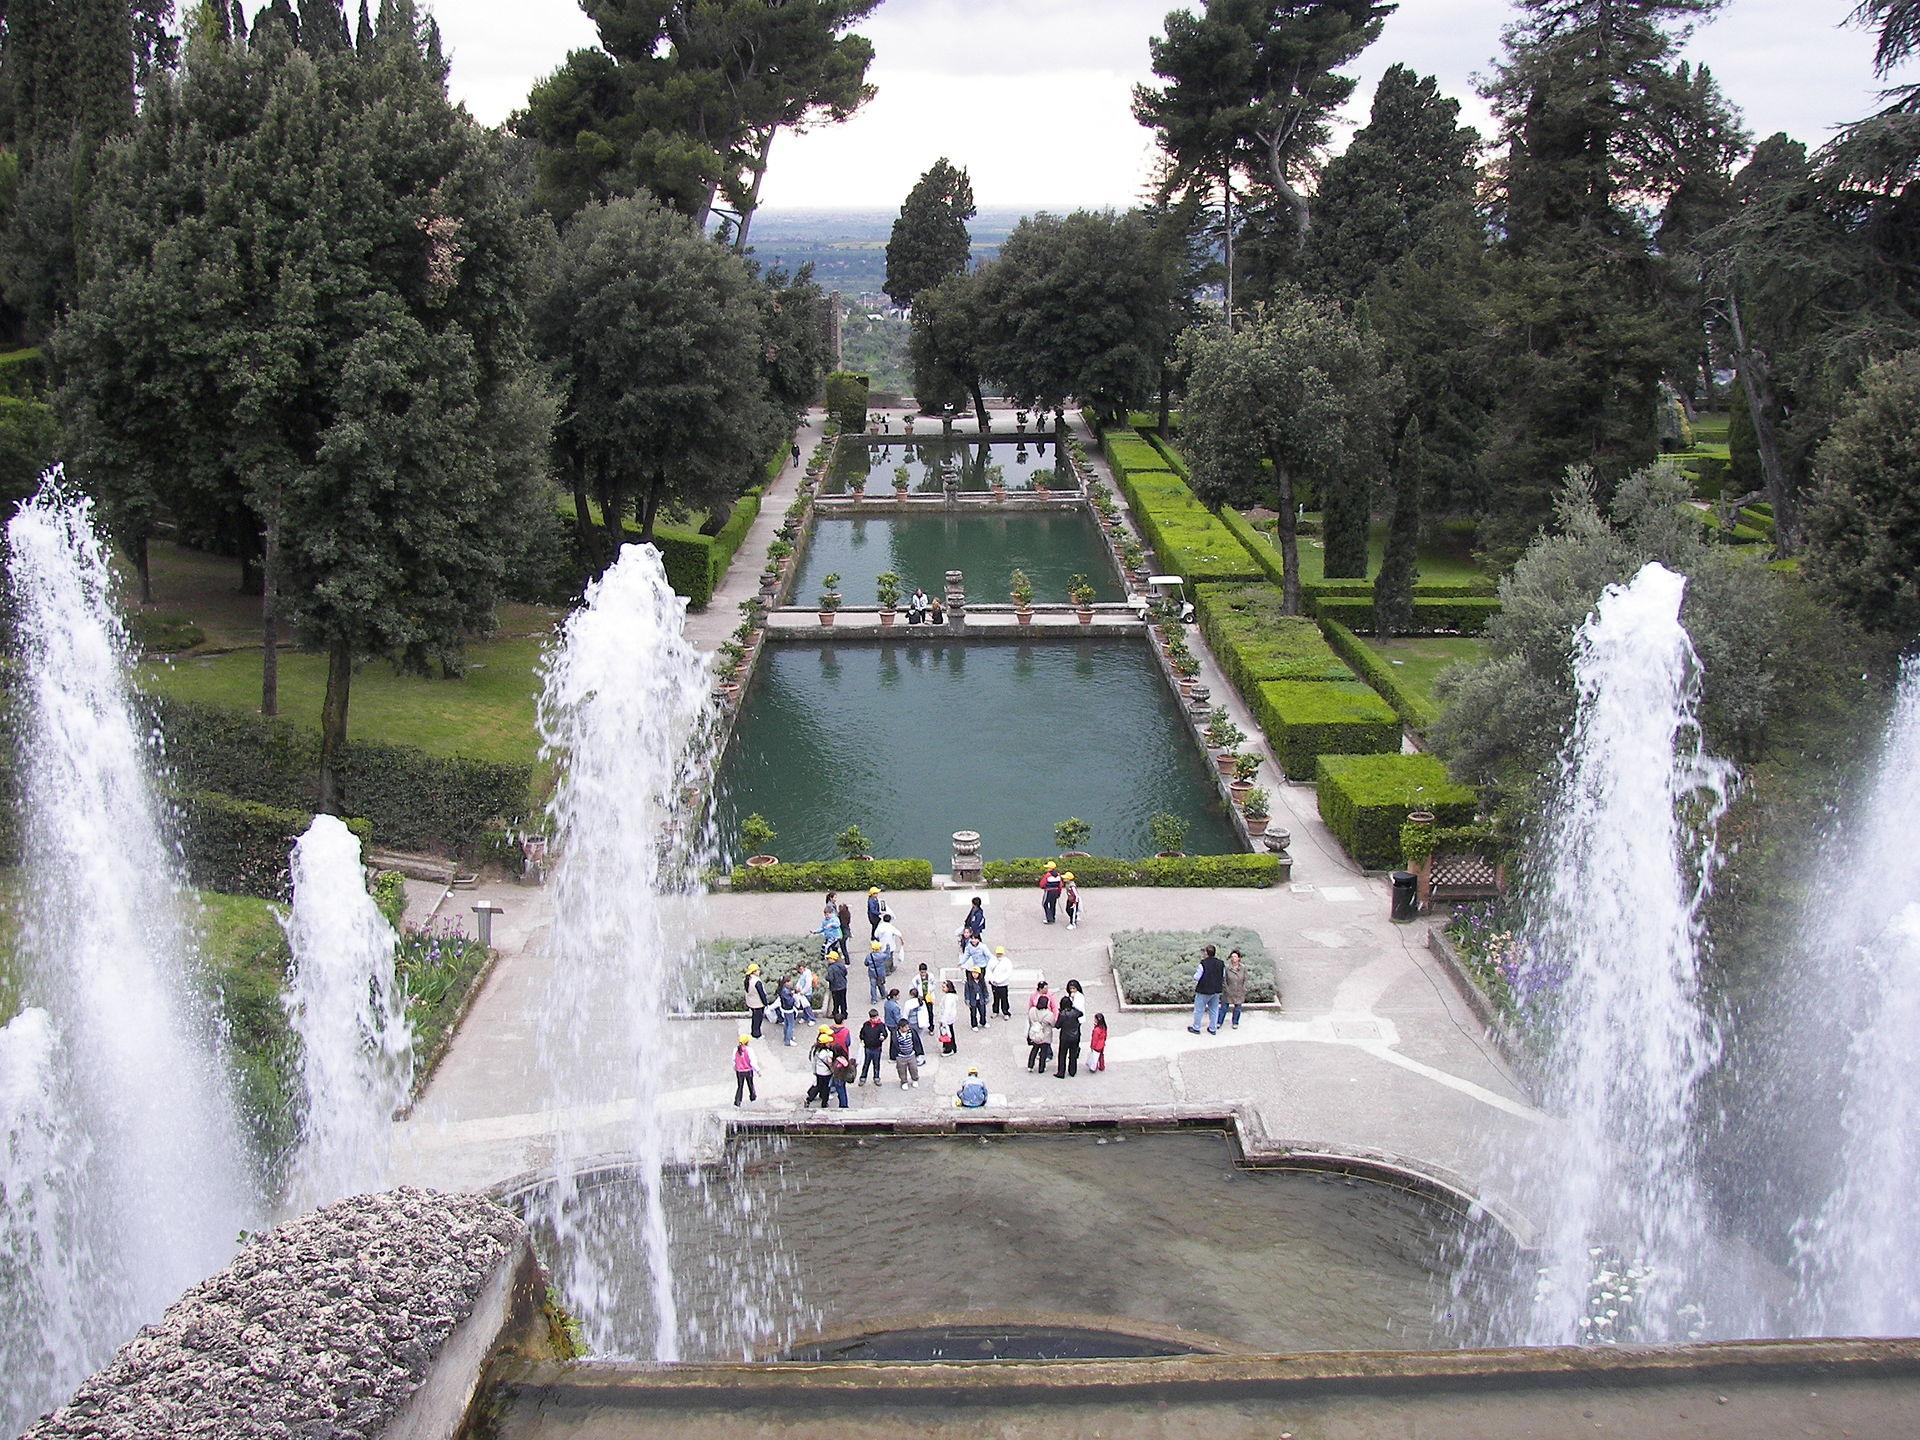 Giardino all 39 italiana wikipedia - Giardino all italiana ...